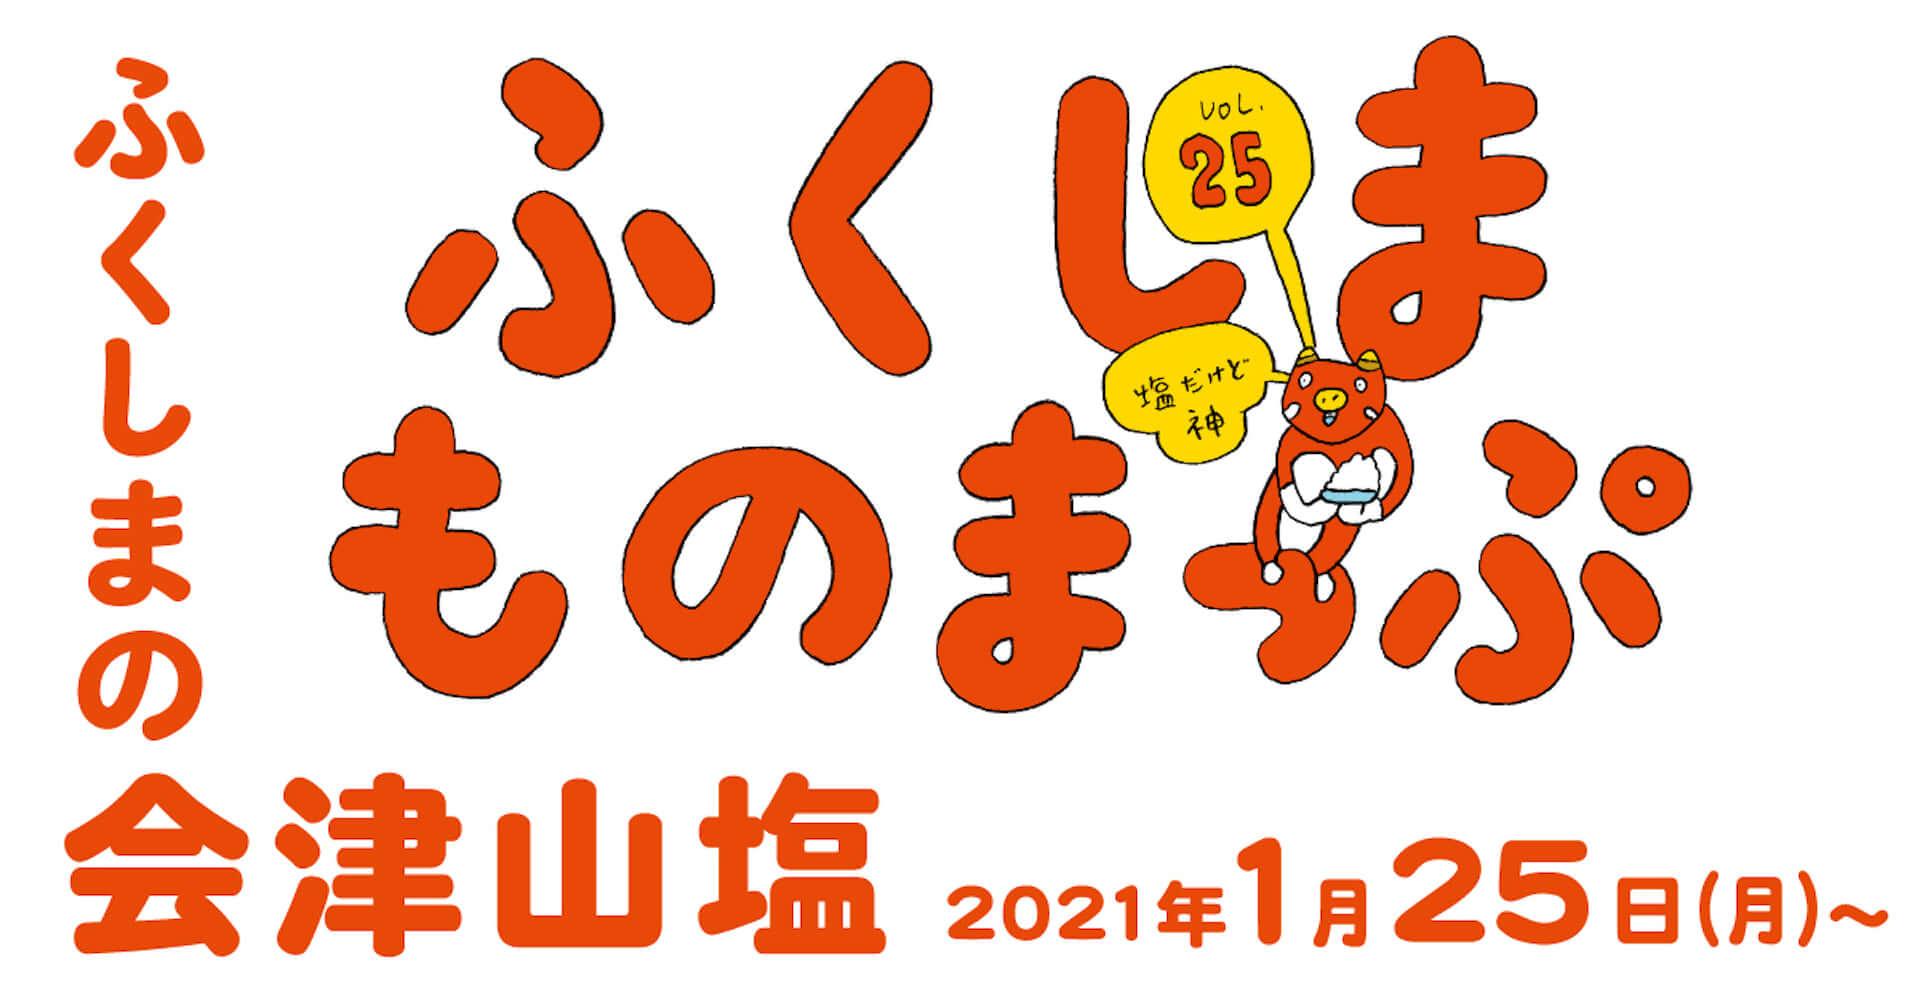 ビームスと福島県によるプロジェクト「ふくしまものまっぷ」第25弾!温泉水を煮詰めて作る山塩『会津山塩』がBEAMS JAPANで発売 gourmet210125_beams_2-1920x1008